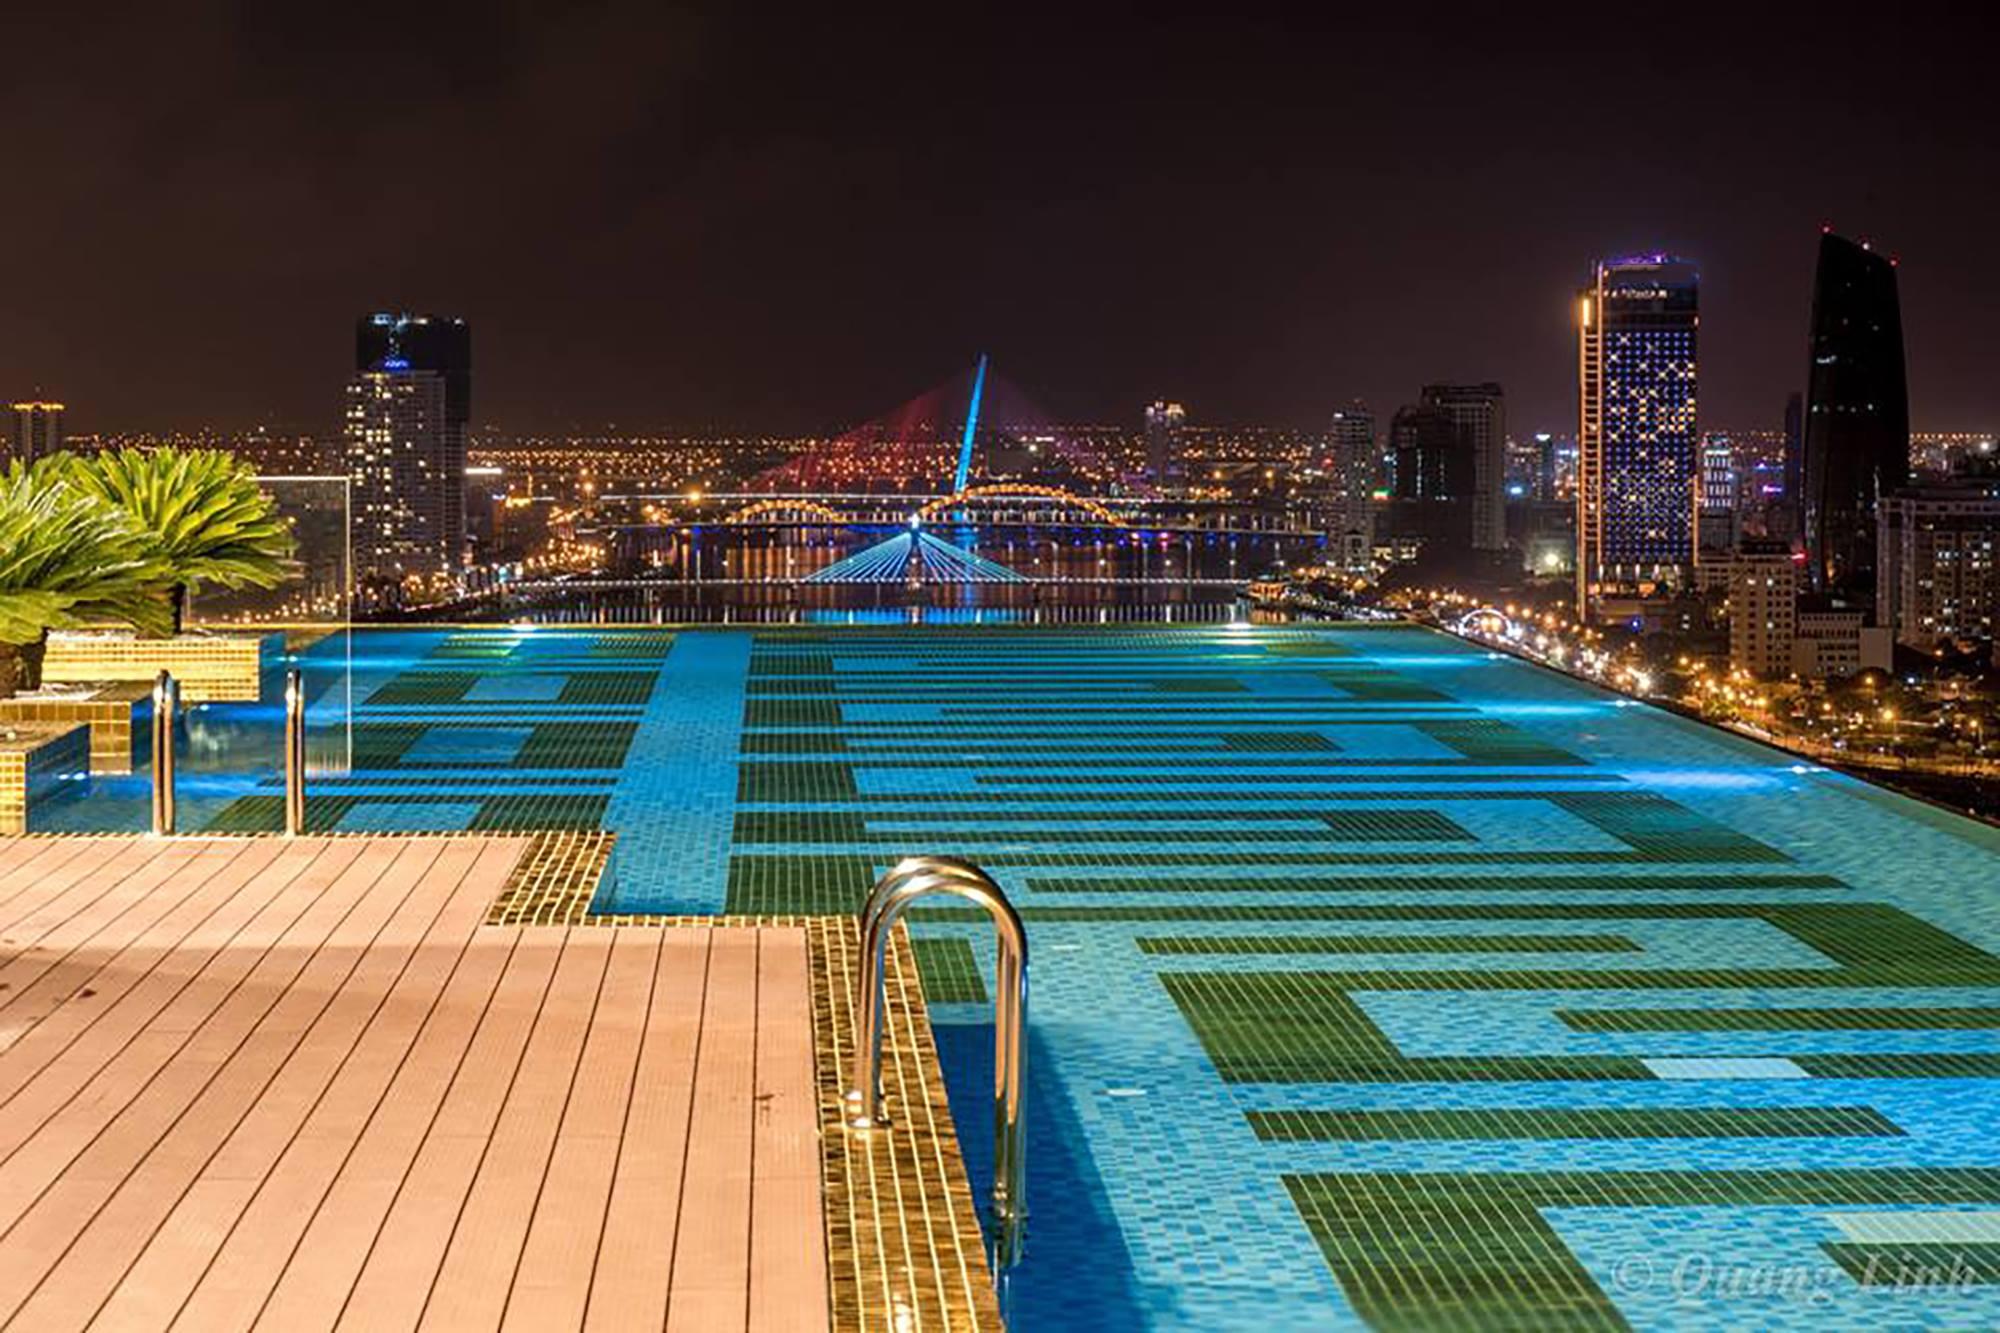 Voucher Hotel Golden bay Đà Nẵng tiêu chuẩn chủ căn hộ, view ngắm ...